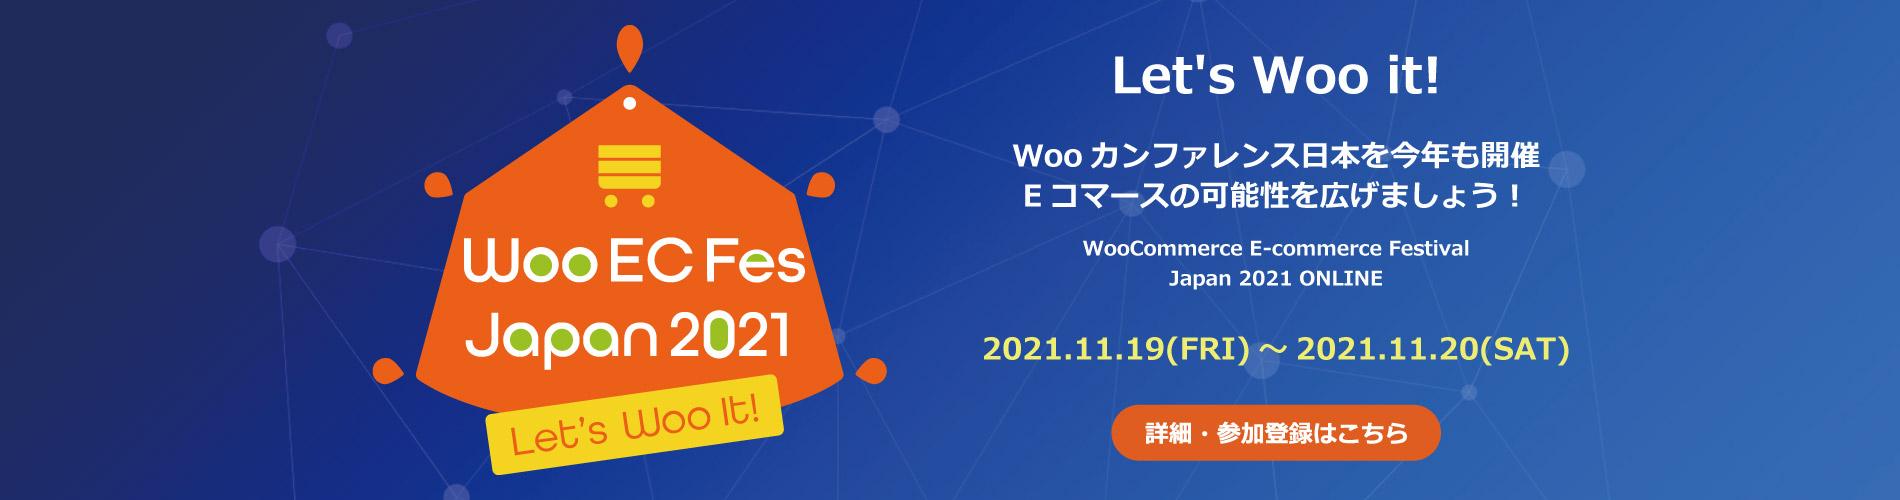 Woo EC Fes Japan 2021[11月19日(金)〜20日(土)開催]